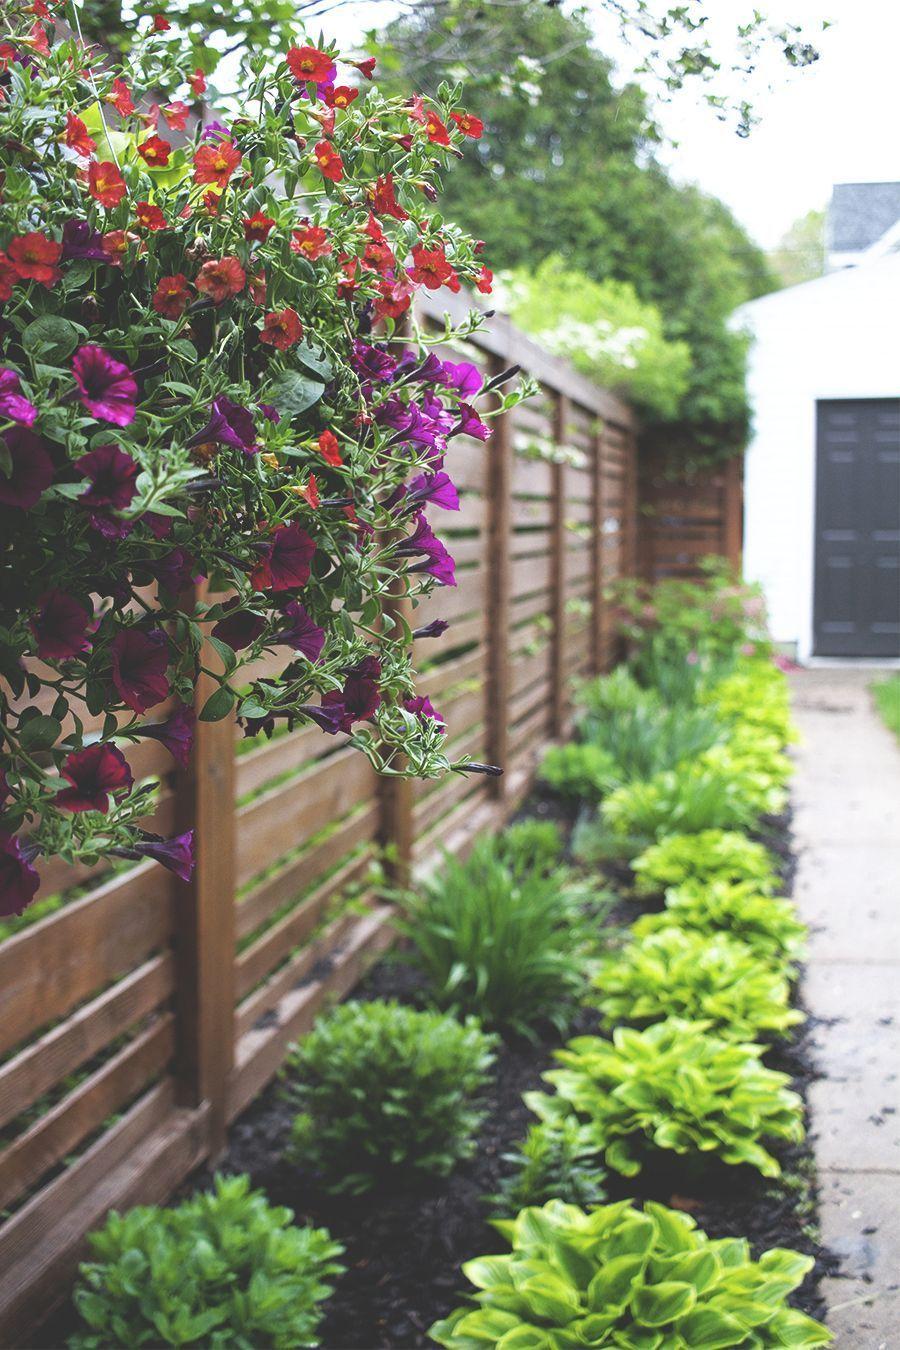 1aaa329d1c4951757174fd71e81035e6 - Gardens Open To Public Near Me